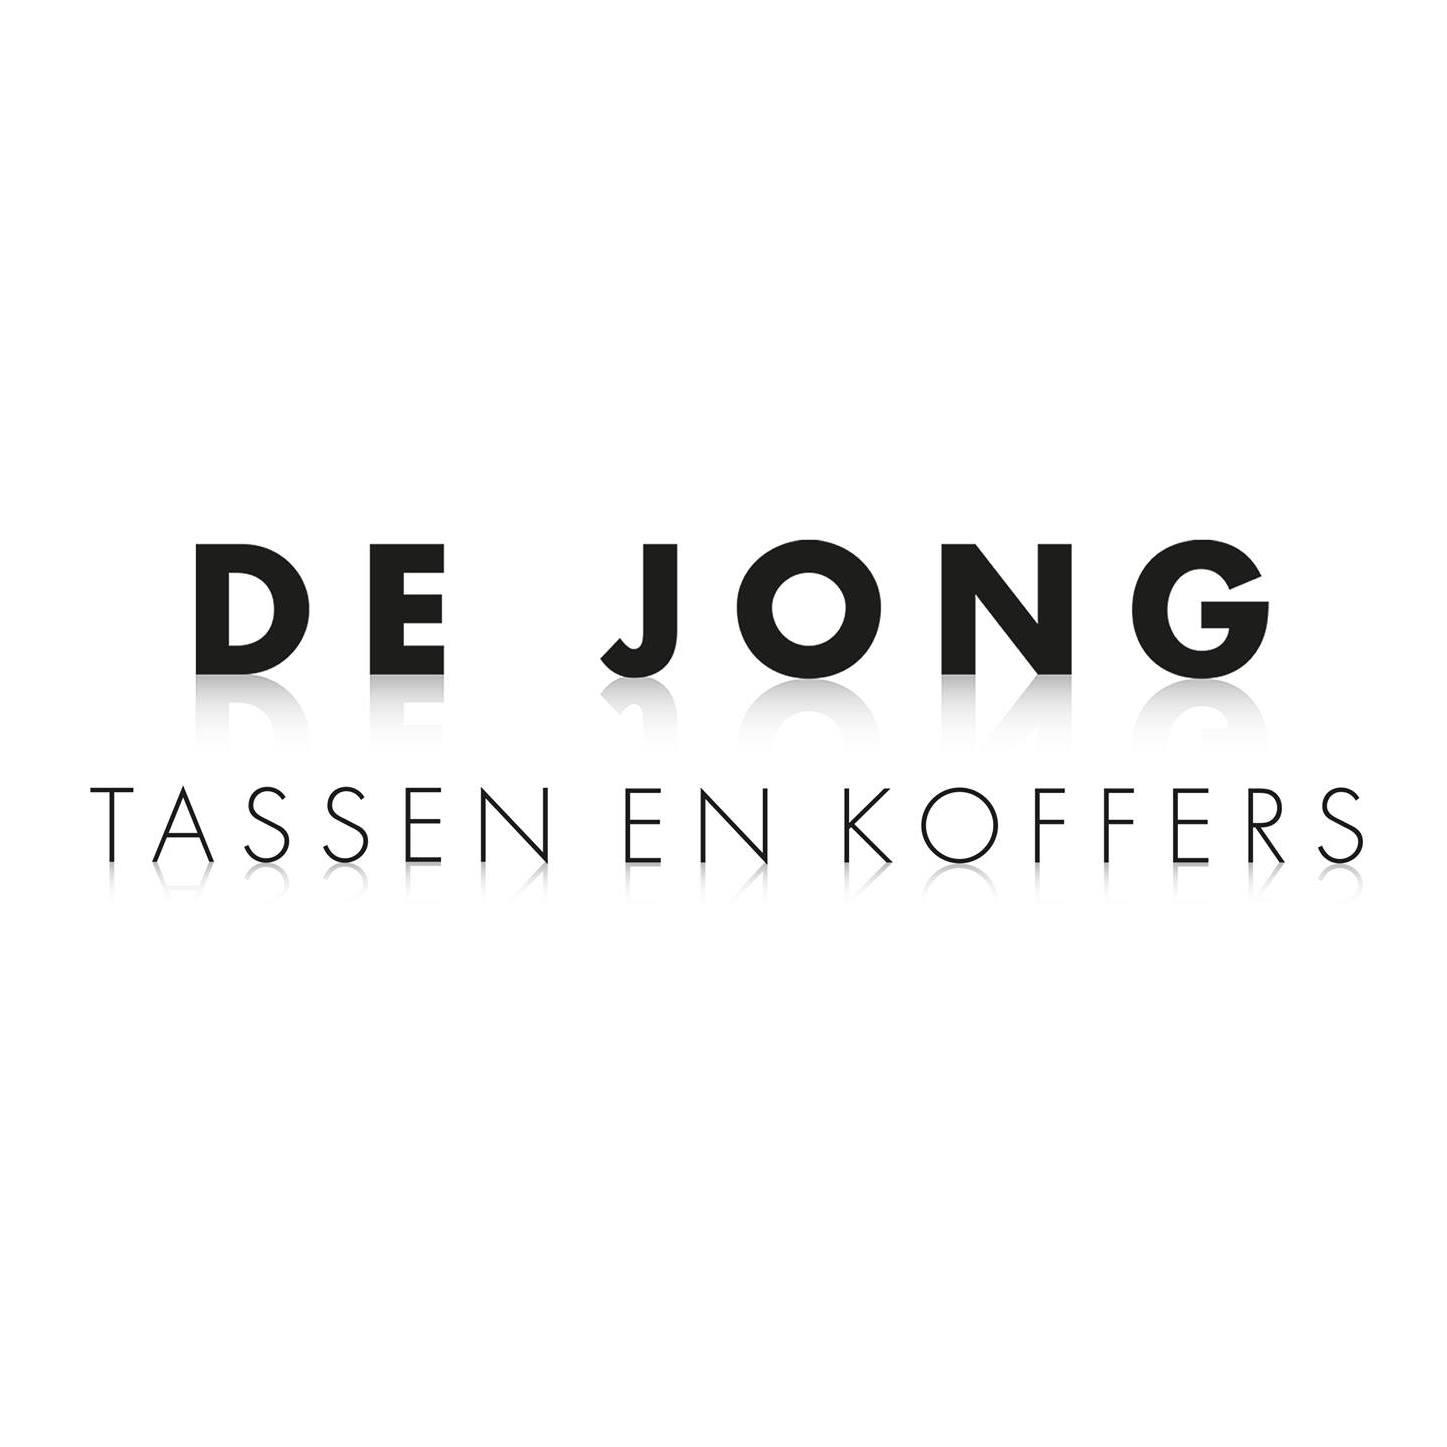 De Jong Tassen & Koffers